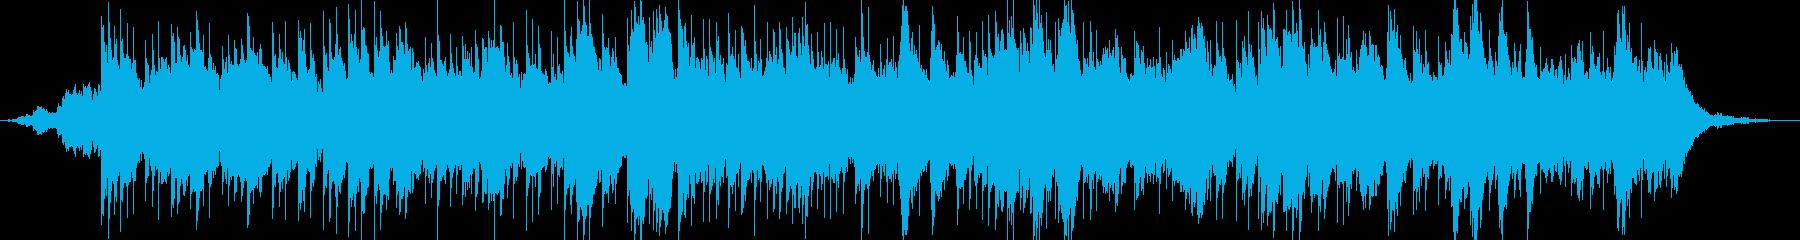 【和風ヒーリング】心が休まる映像企業向けの再生済みの波形